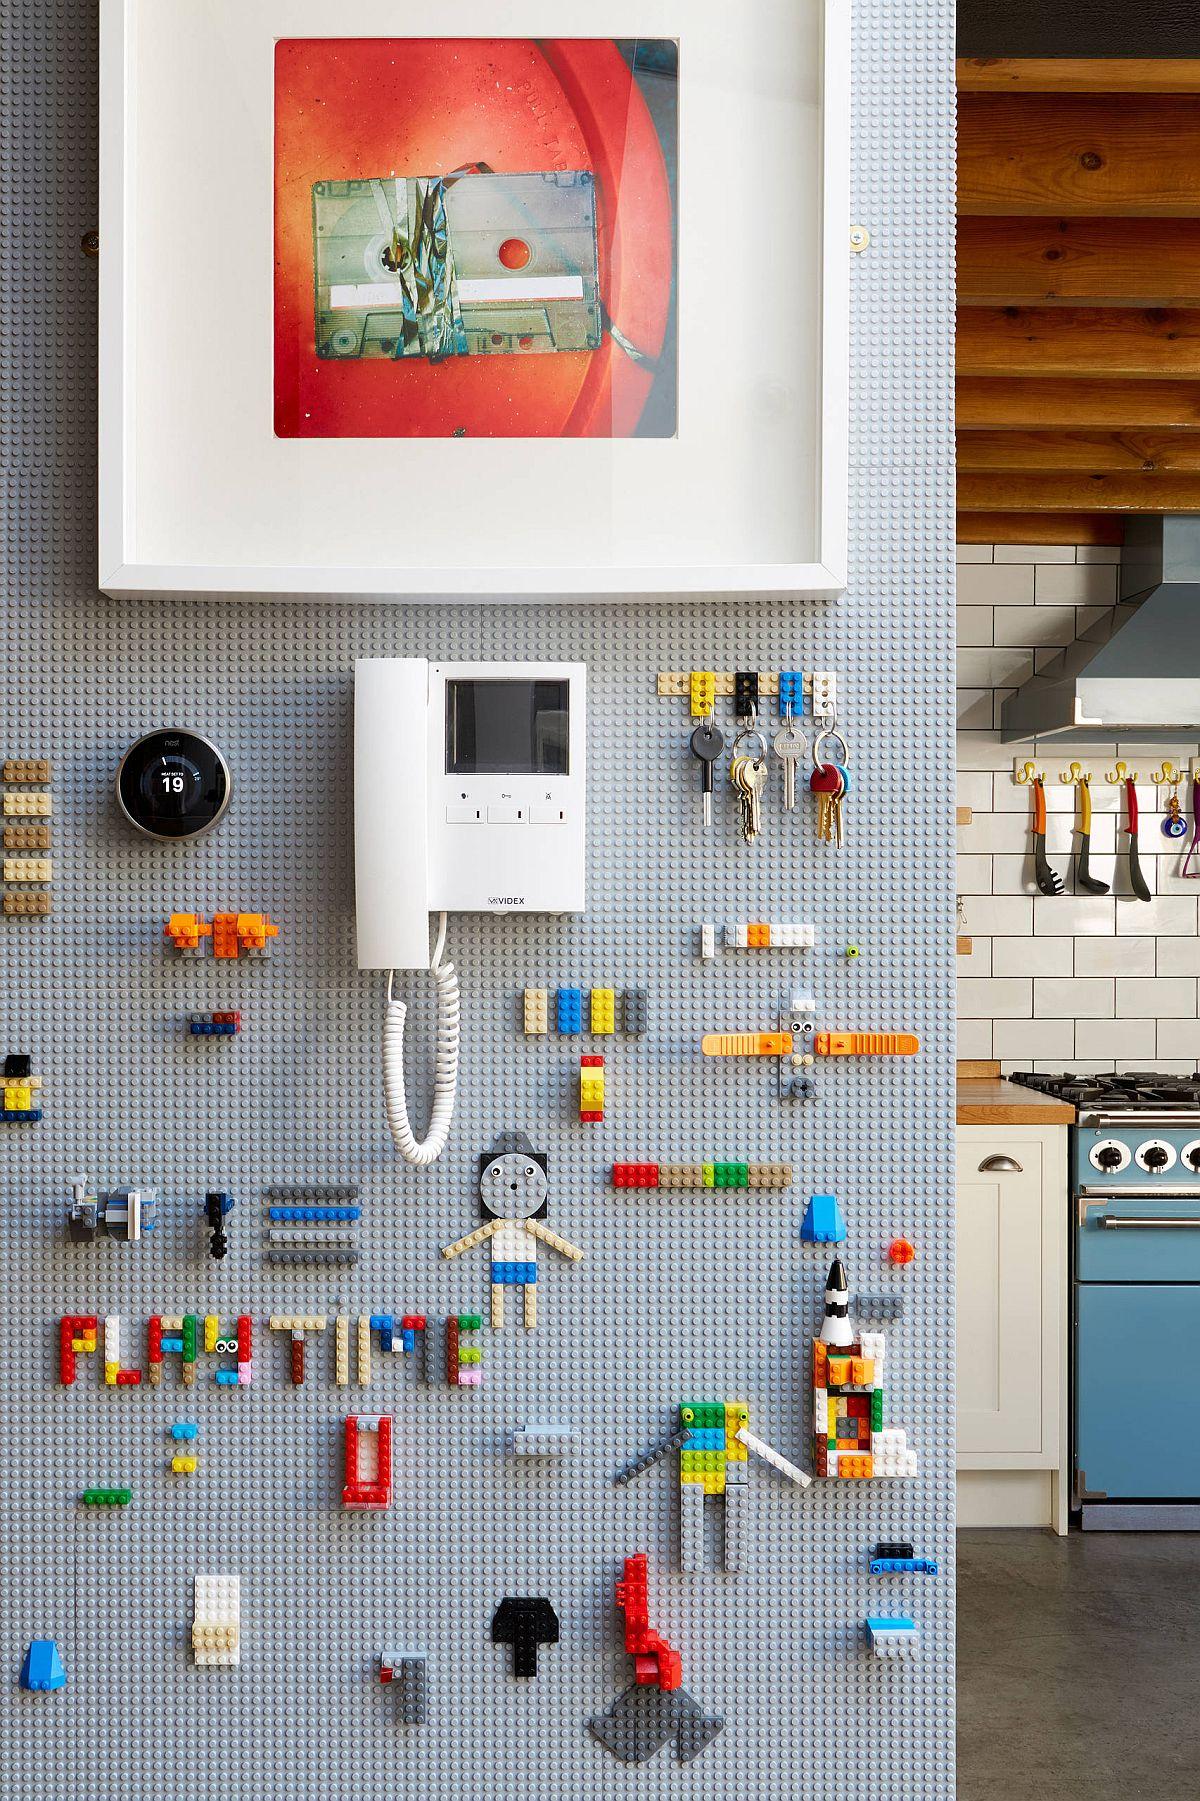 Utilisation d'un mur en panneaux perforés pour ranger les petits jouets et accessoires chez les enfants & # 039;  salle